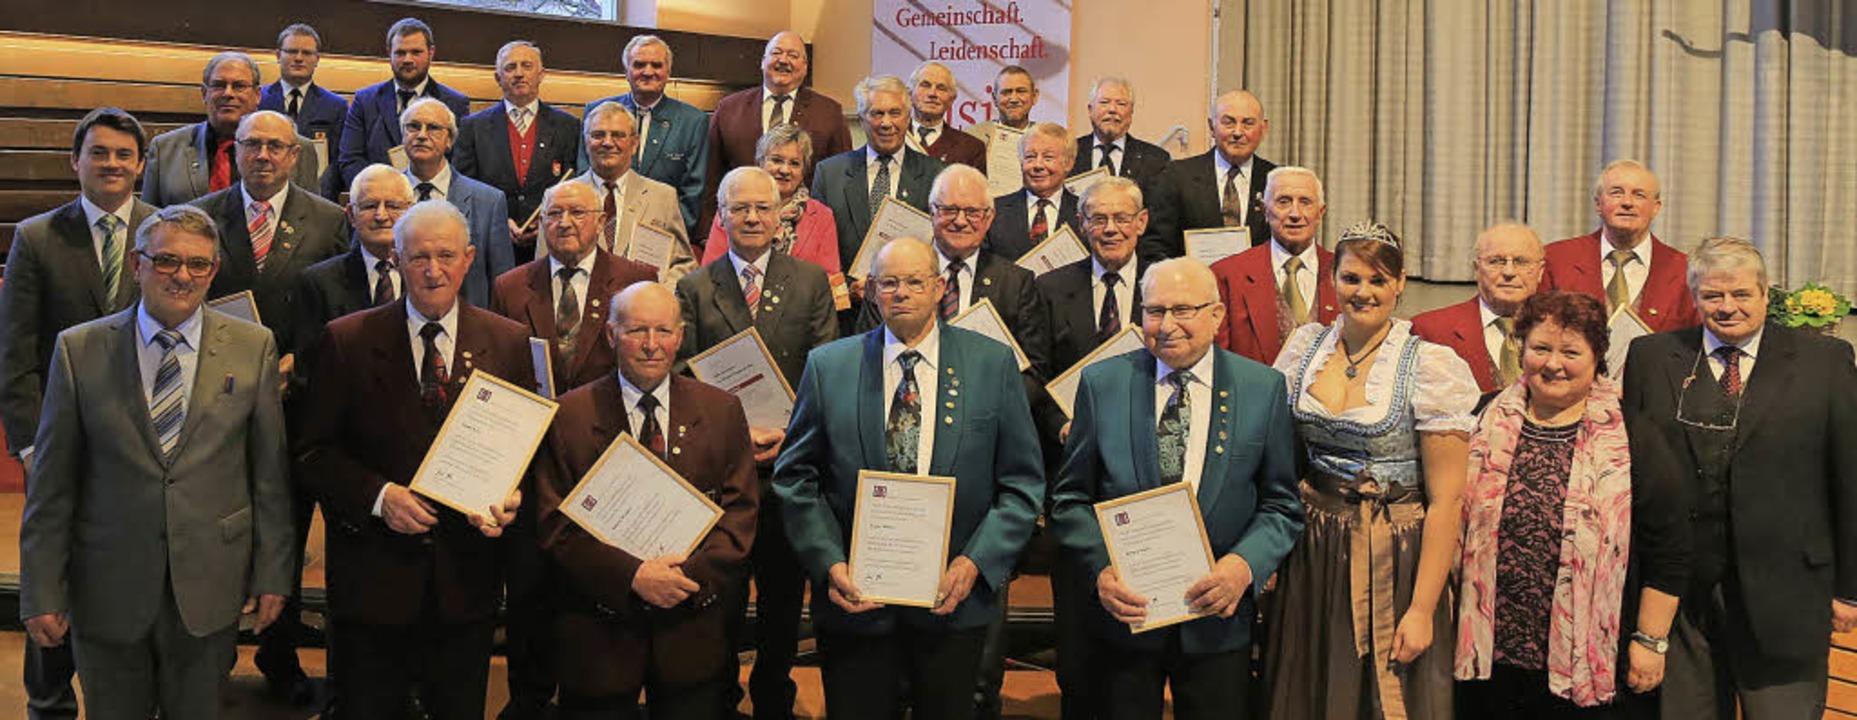 Als Dank für Jahrzehnte lange Treue zu...erbund zahlreiche Chormitglieder aus.   | Foto: fotos: sandra decoux-kone